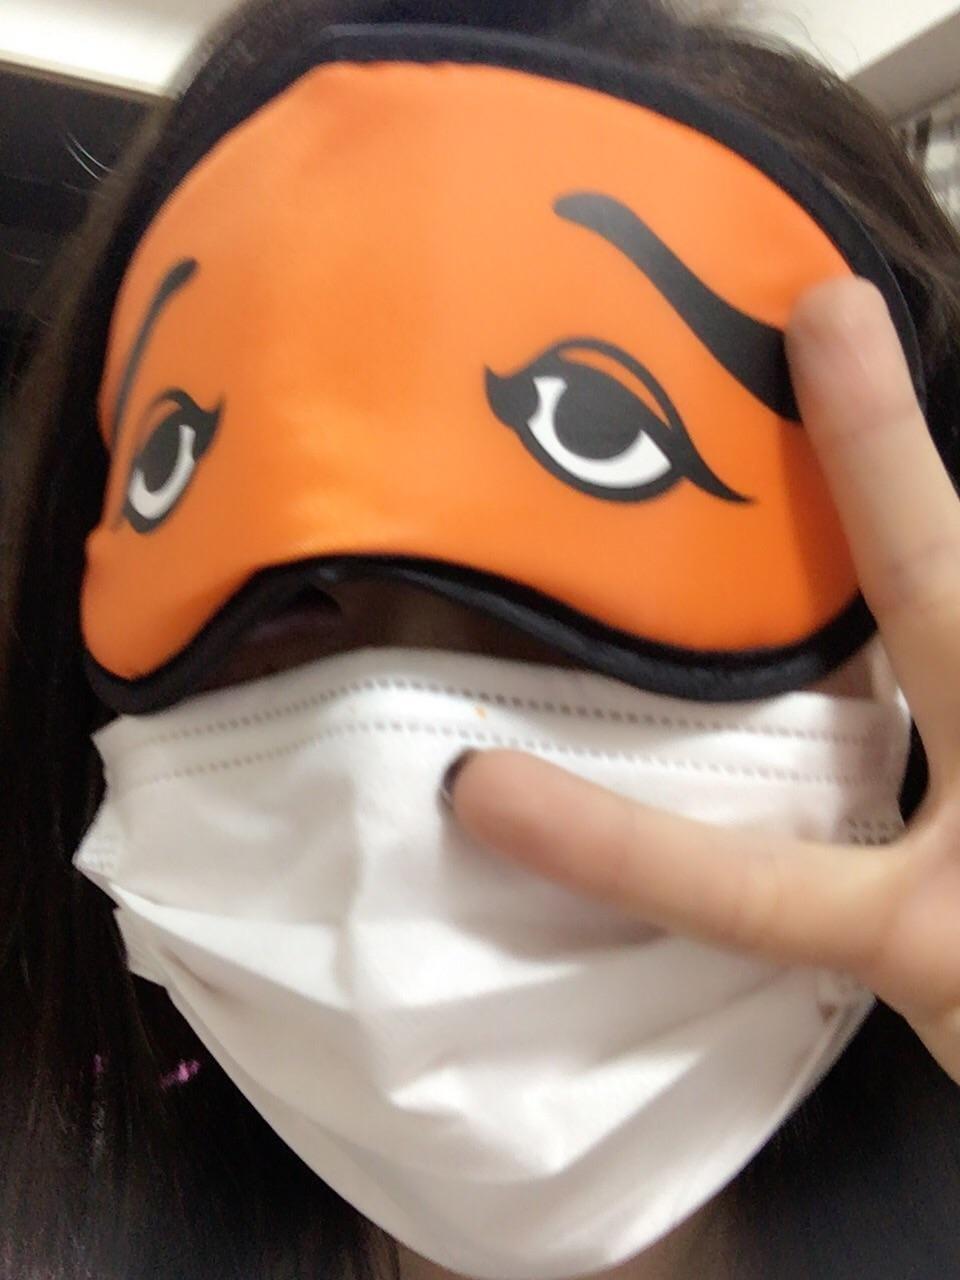 「べしゃり」06/27(水) 22:27 | ふゆきの写メ・風俗動画